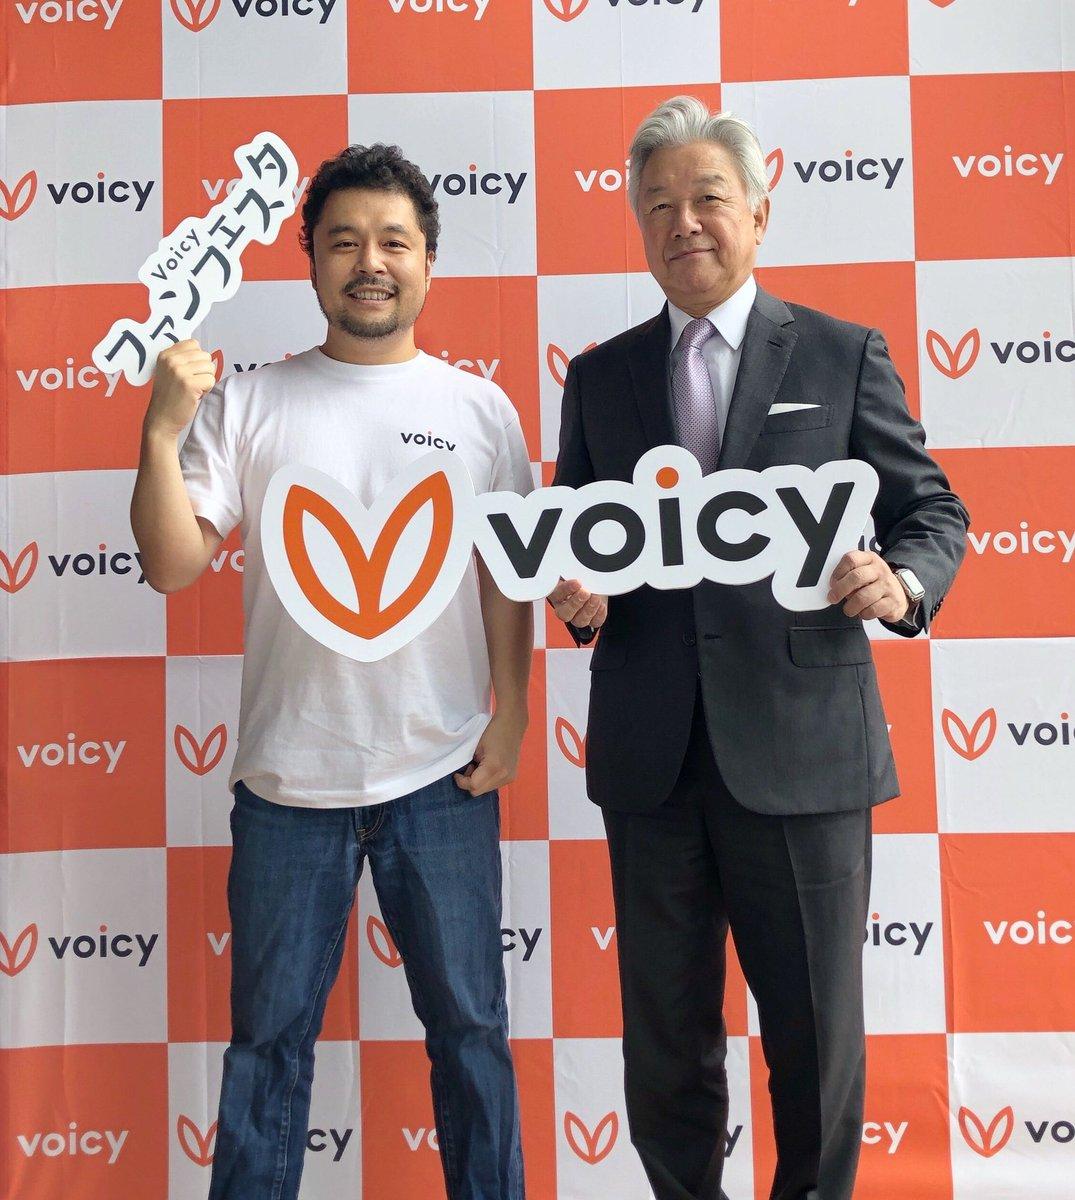 ✨まもなく #Voicyファンフェスタ 出演✨『RandomTalk 佐山展生』 佐山展生さん @nsayama『ベンチャーニュースで言いたい放題』 ベンチャー支援家Kさん @K_voicyまもなく登壇です!が、支援家Kさんが遅刻中、、!?代わりにVoicy代表の緒方さんとパシャリ👀✨お楽しみに!#Voicy